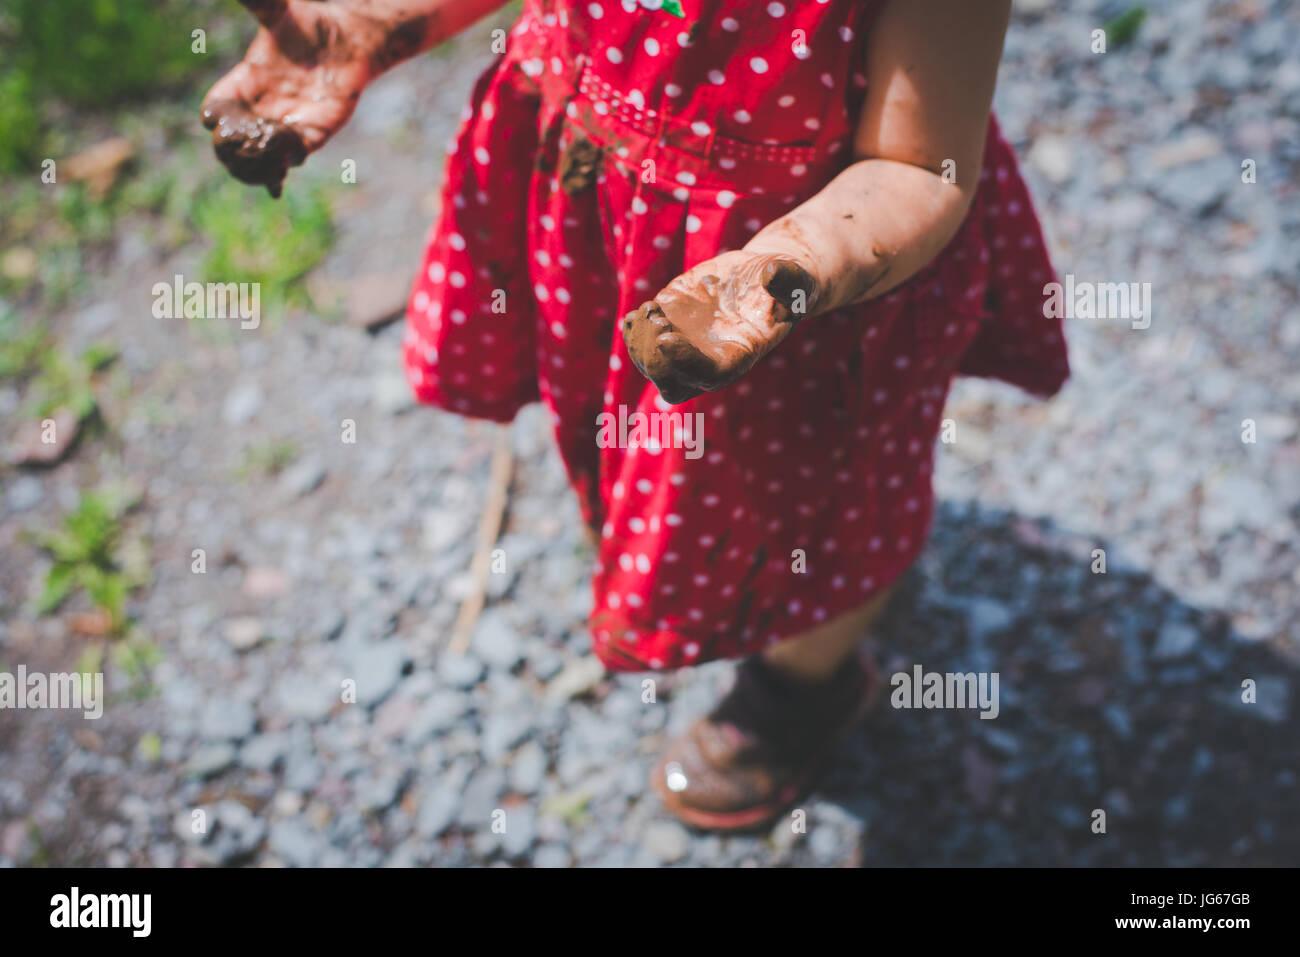 Un bambino con le mani in mano sono ricoperte di fango Immagini Stock